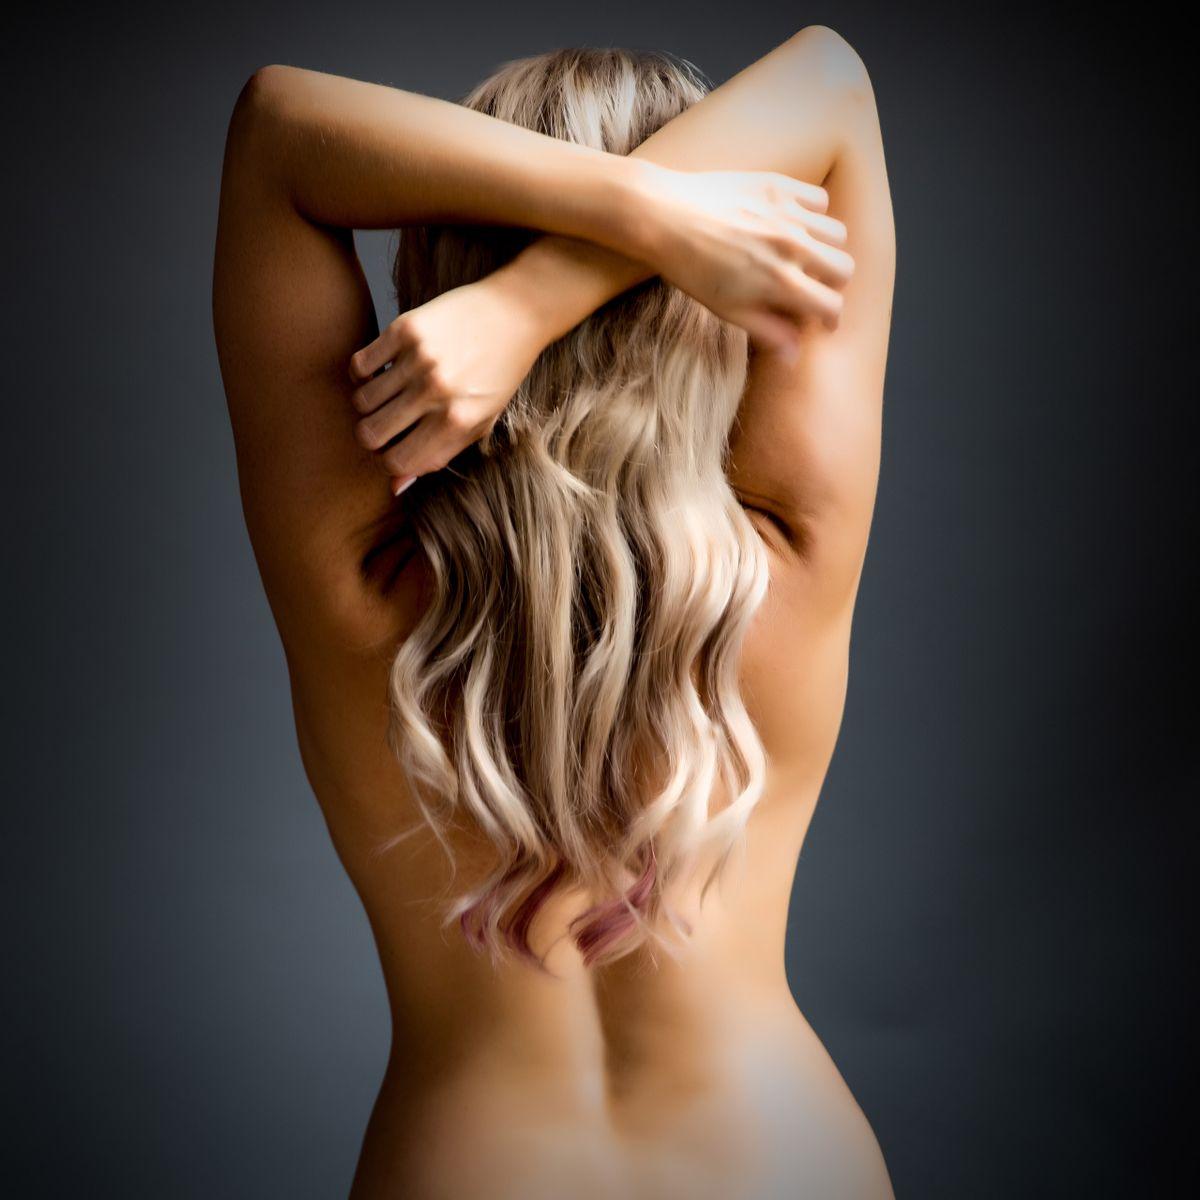 Fine art female model